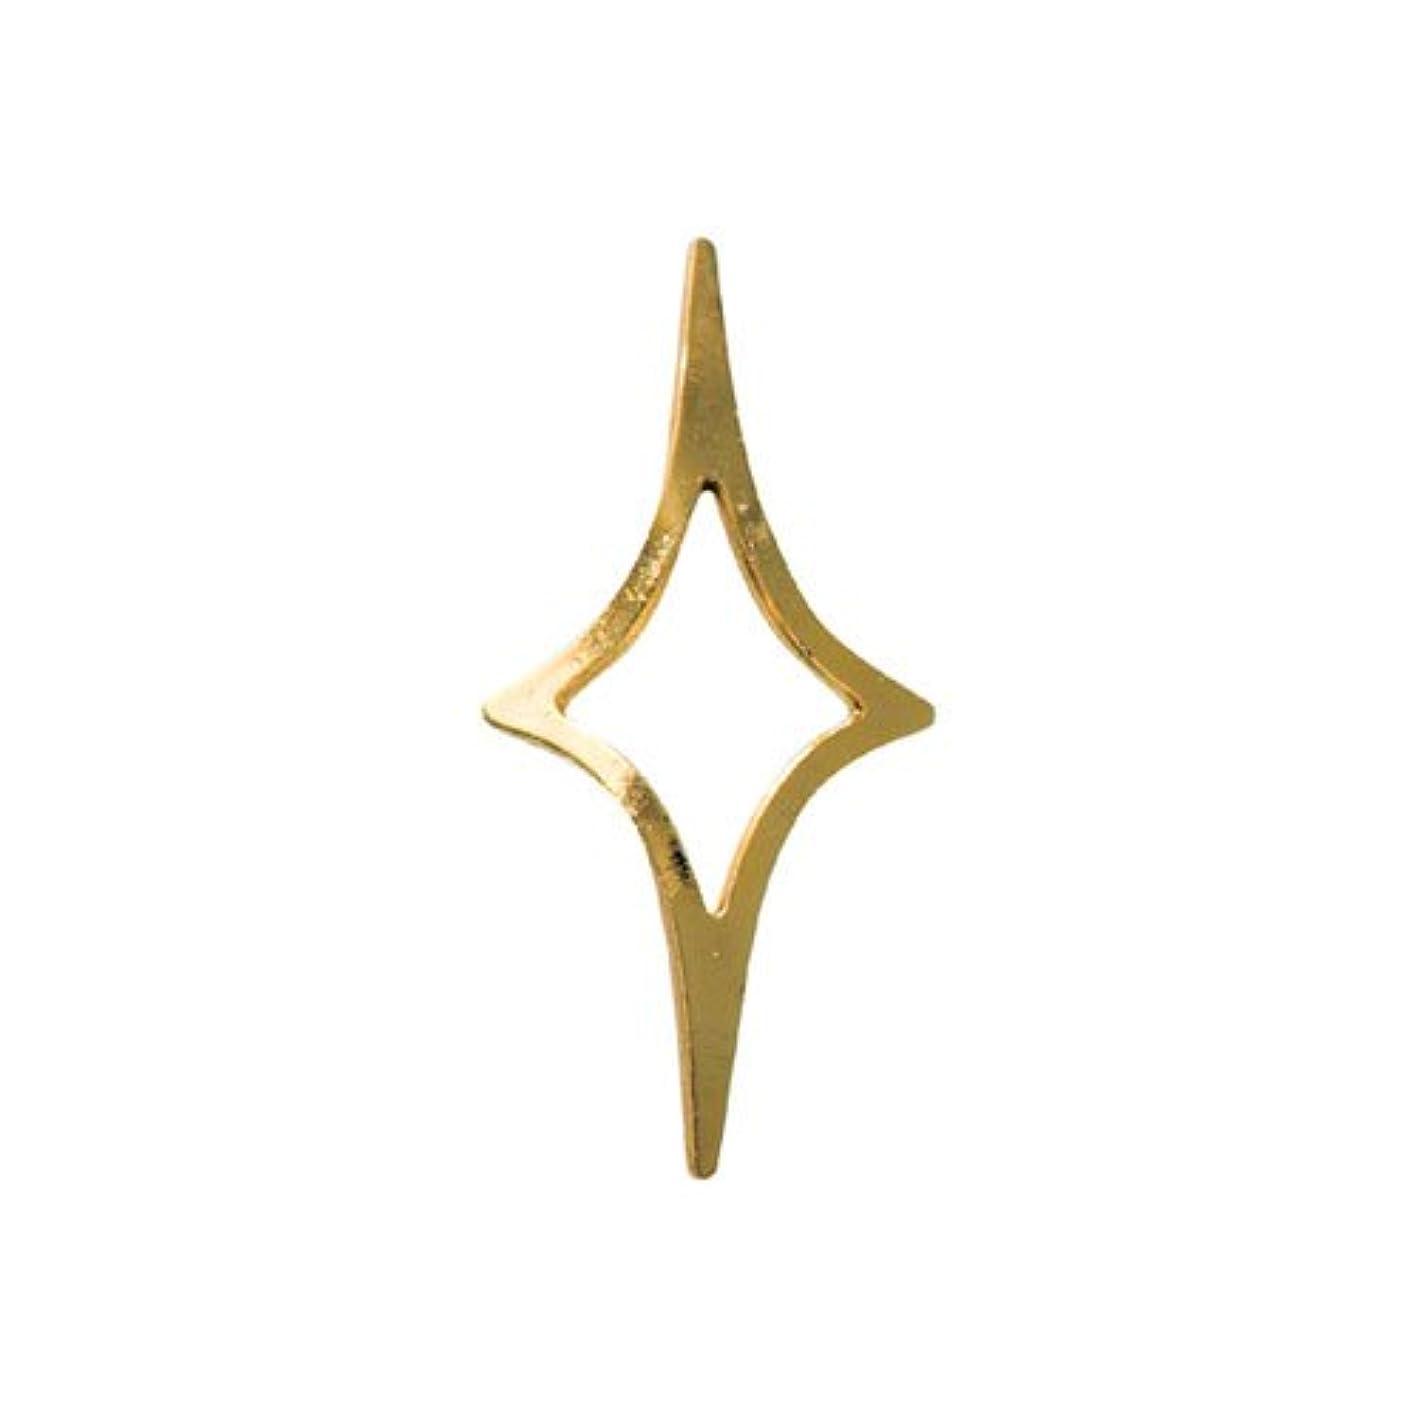 凝縮するクリーナー吸収するリトルプリティー ネイルアートパーツ キラキラ2 3S ゴールド 20個